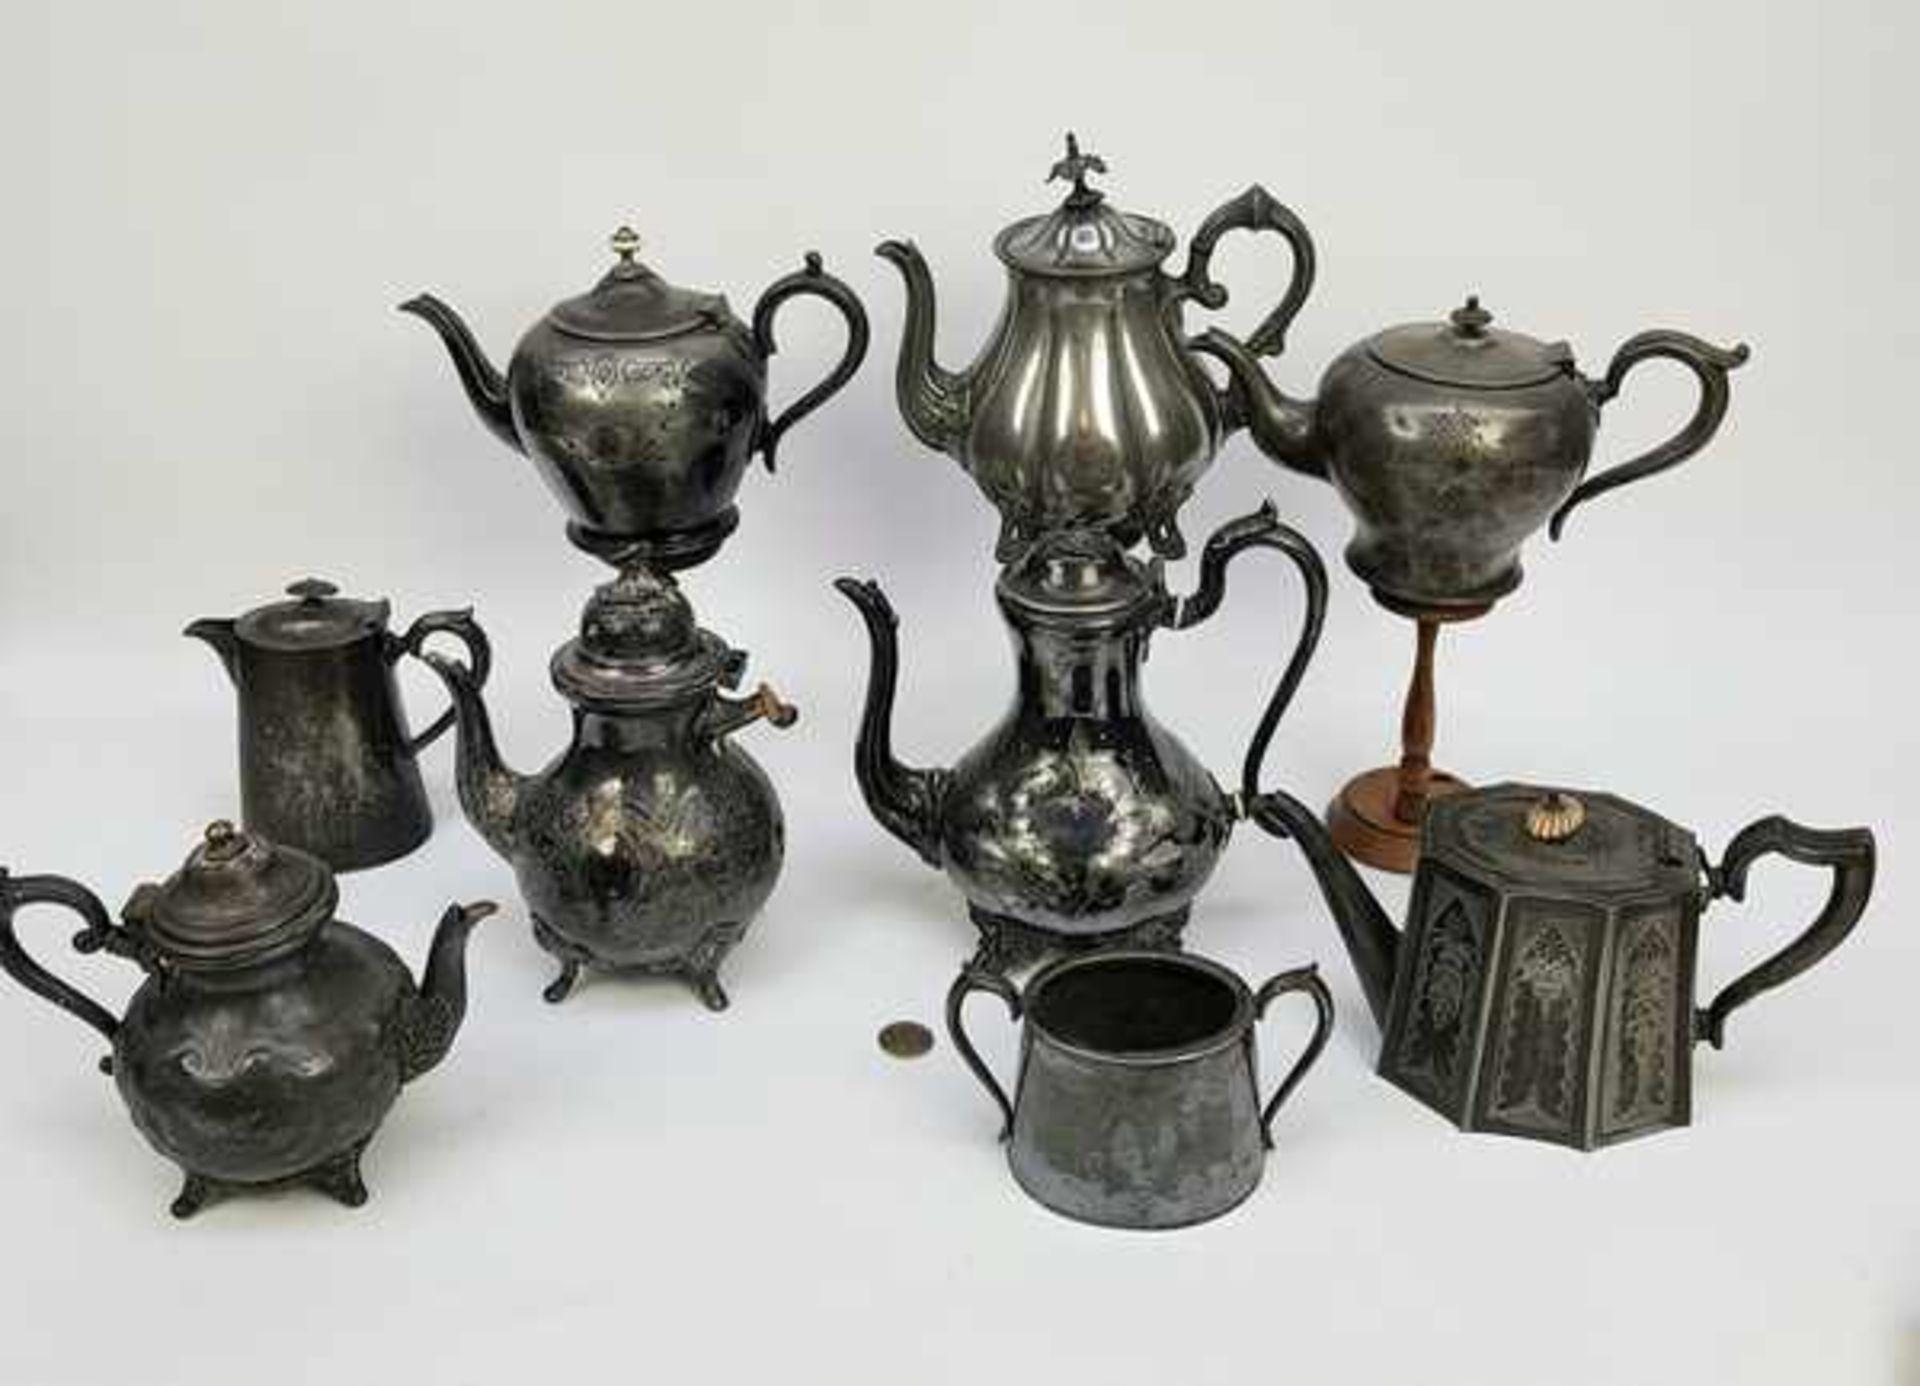 (Antiek) Divers lot thee-en koffiepotten - Bild 2 aus 10